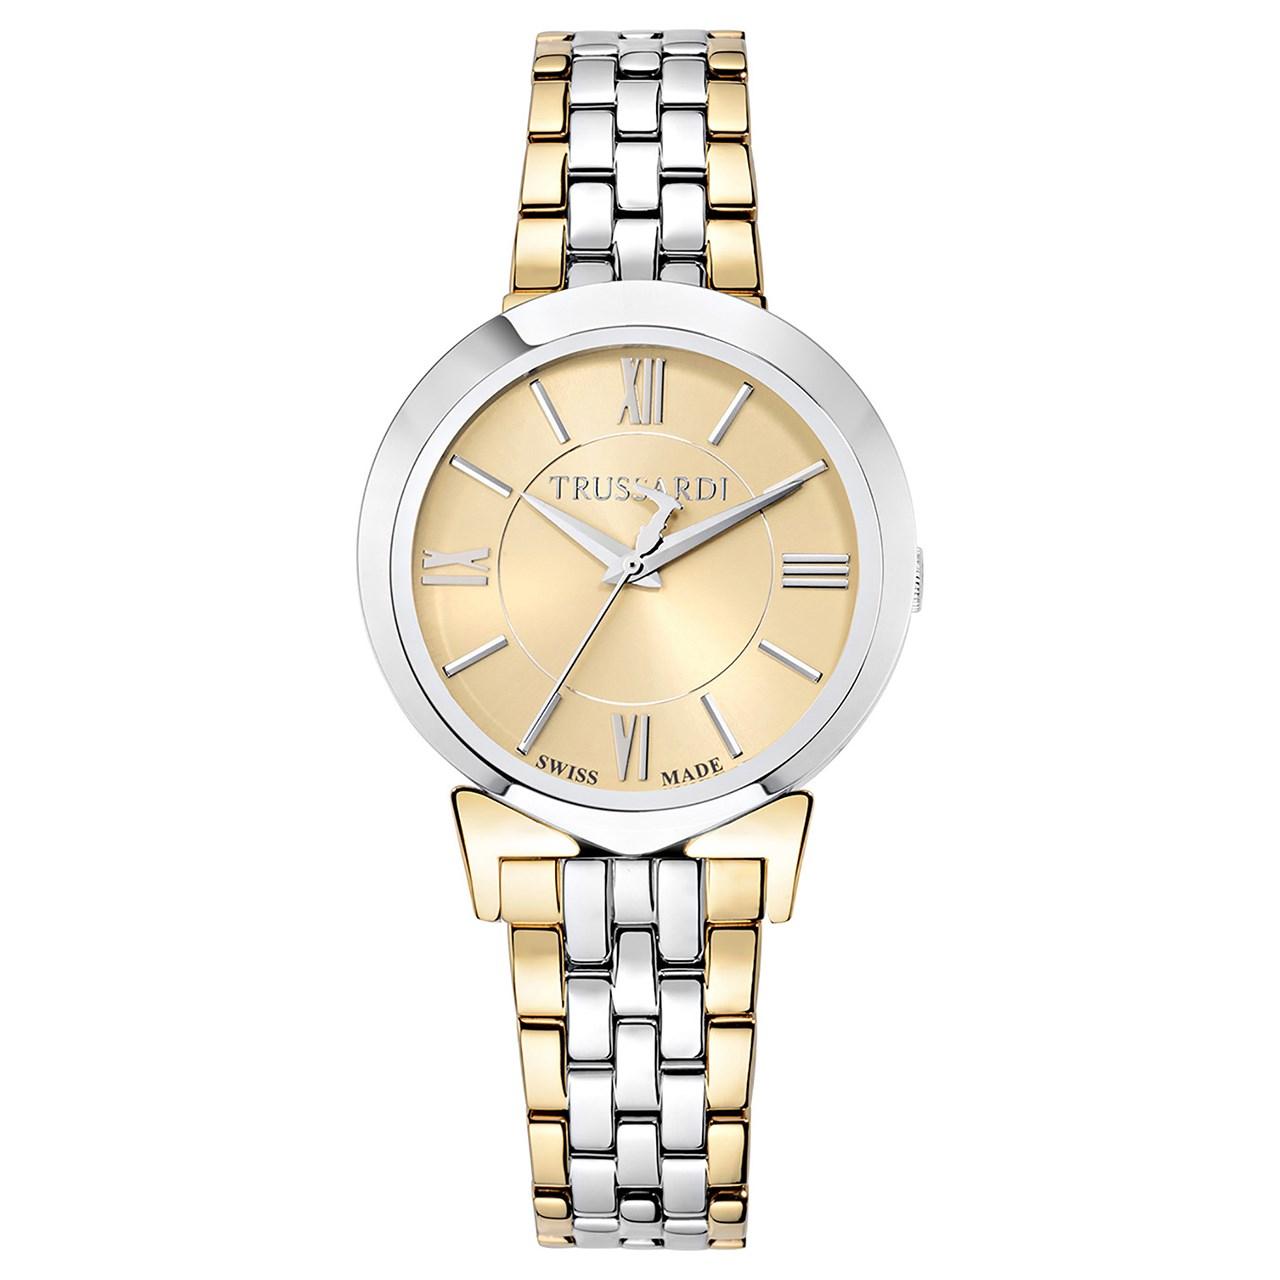 خرید ساعت مچی عقربه ای زنانه تروساردی مدل TR-R2453105503